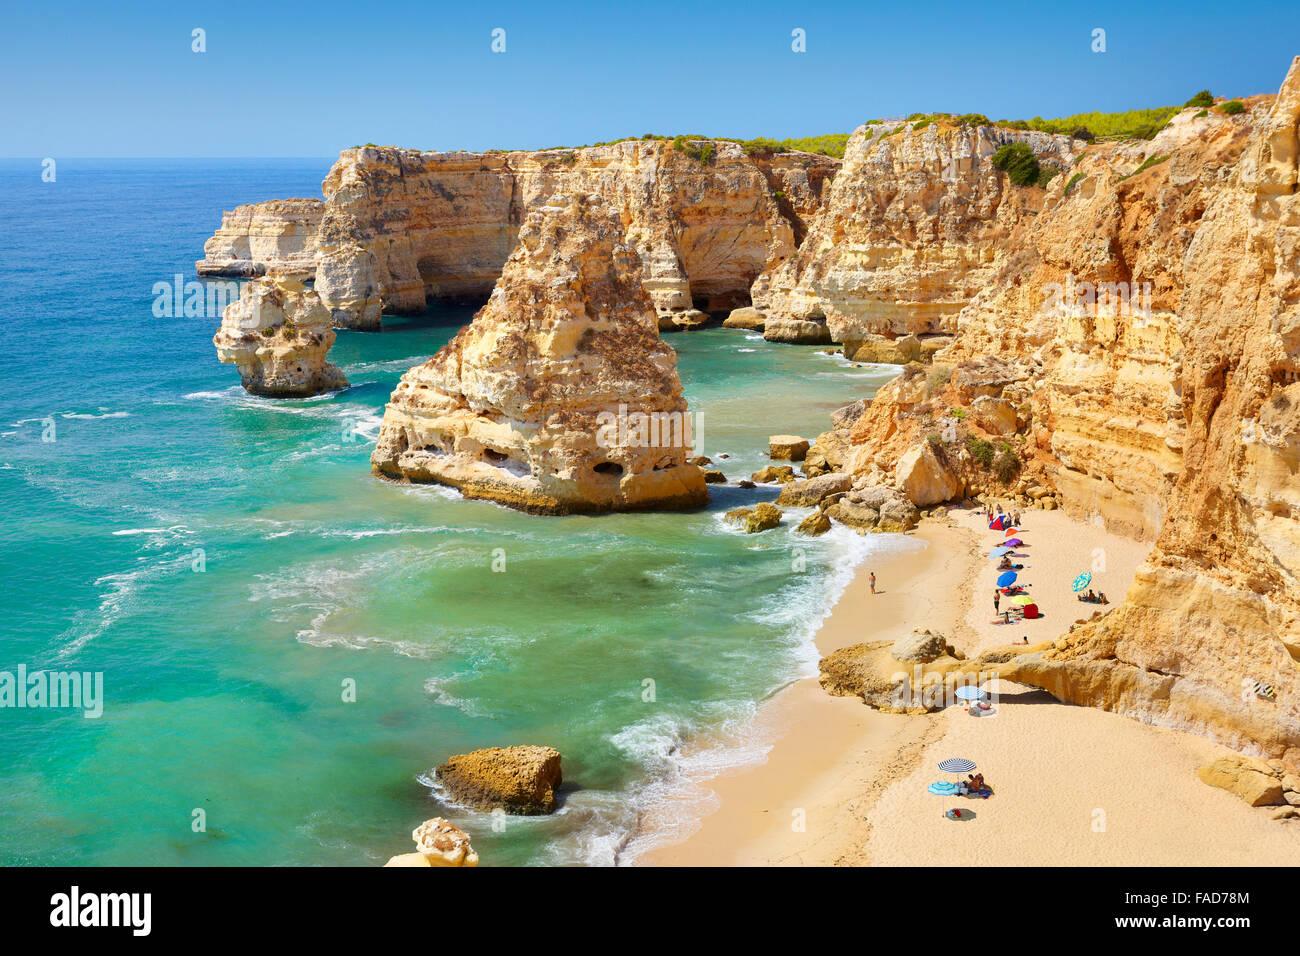 Praia da Marinha Beach, Algarve, Portugal - Stock Image